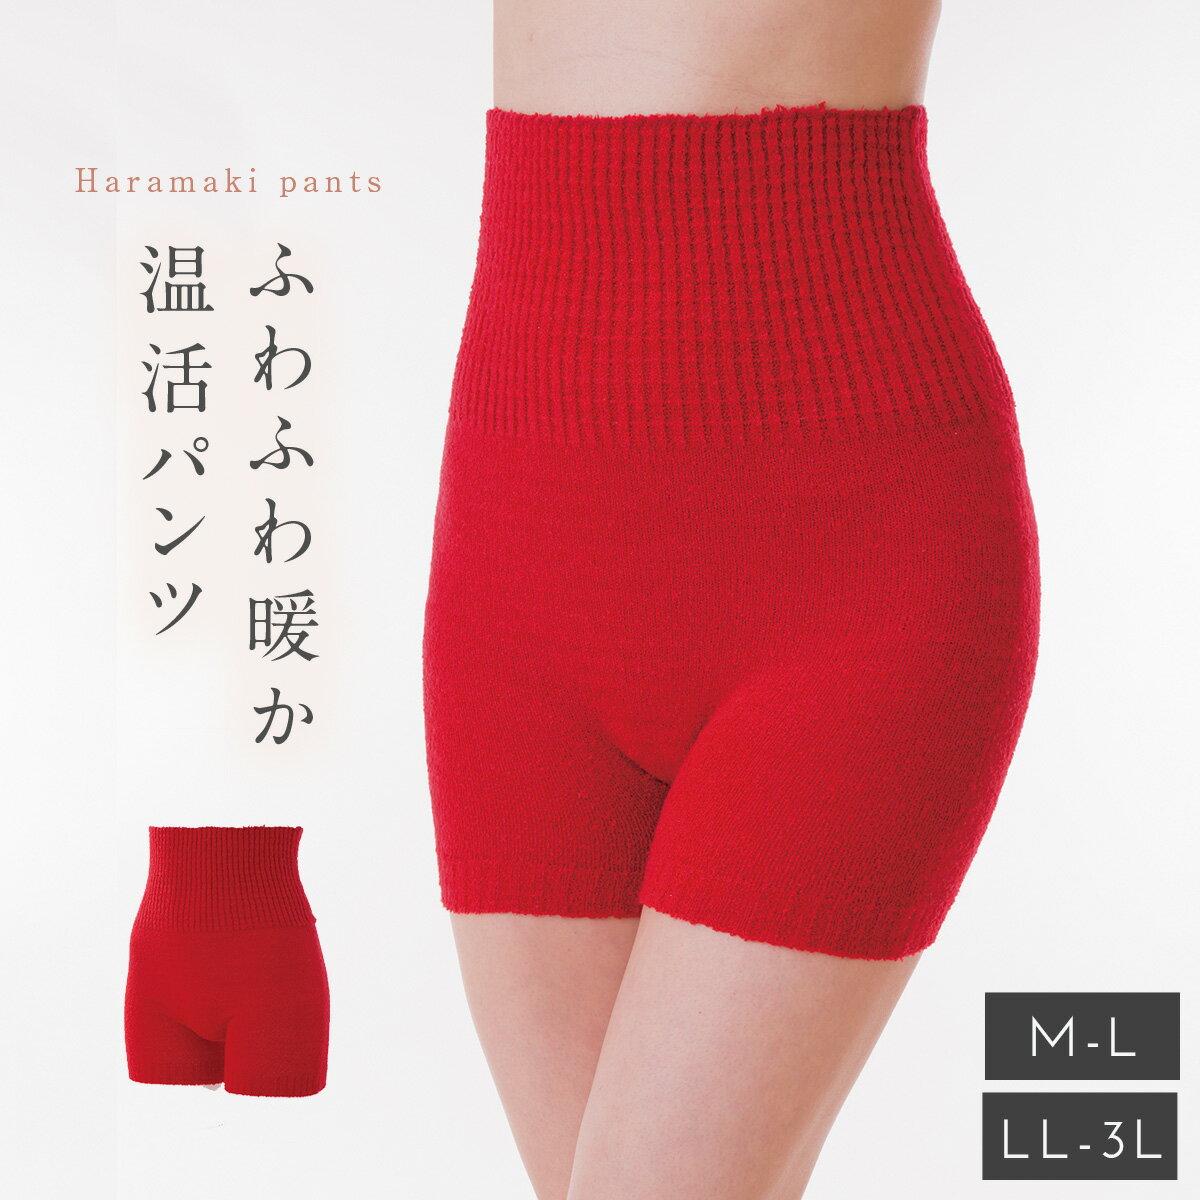 腹巻パンツ 腹巻ショーツ  レディース ふわふわあったか赤パンツ  M-3L レディースファッション